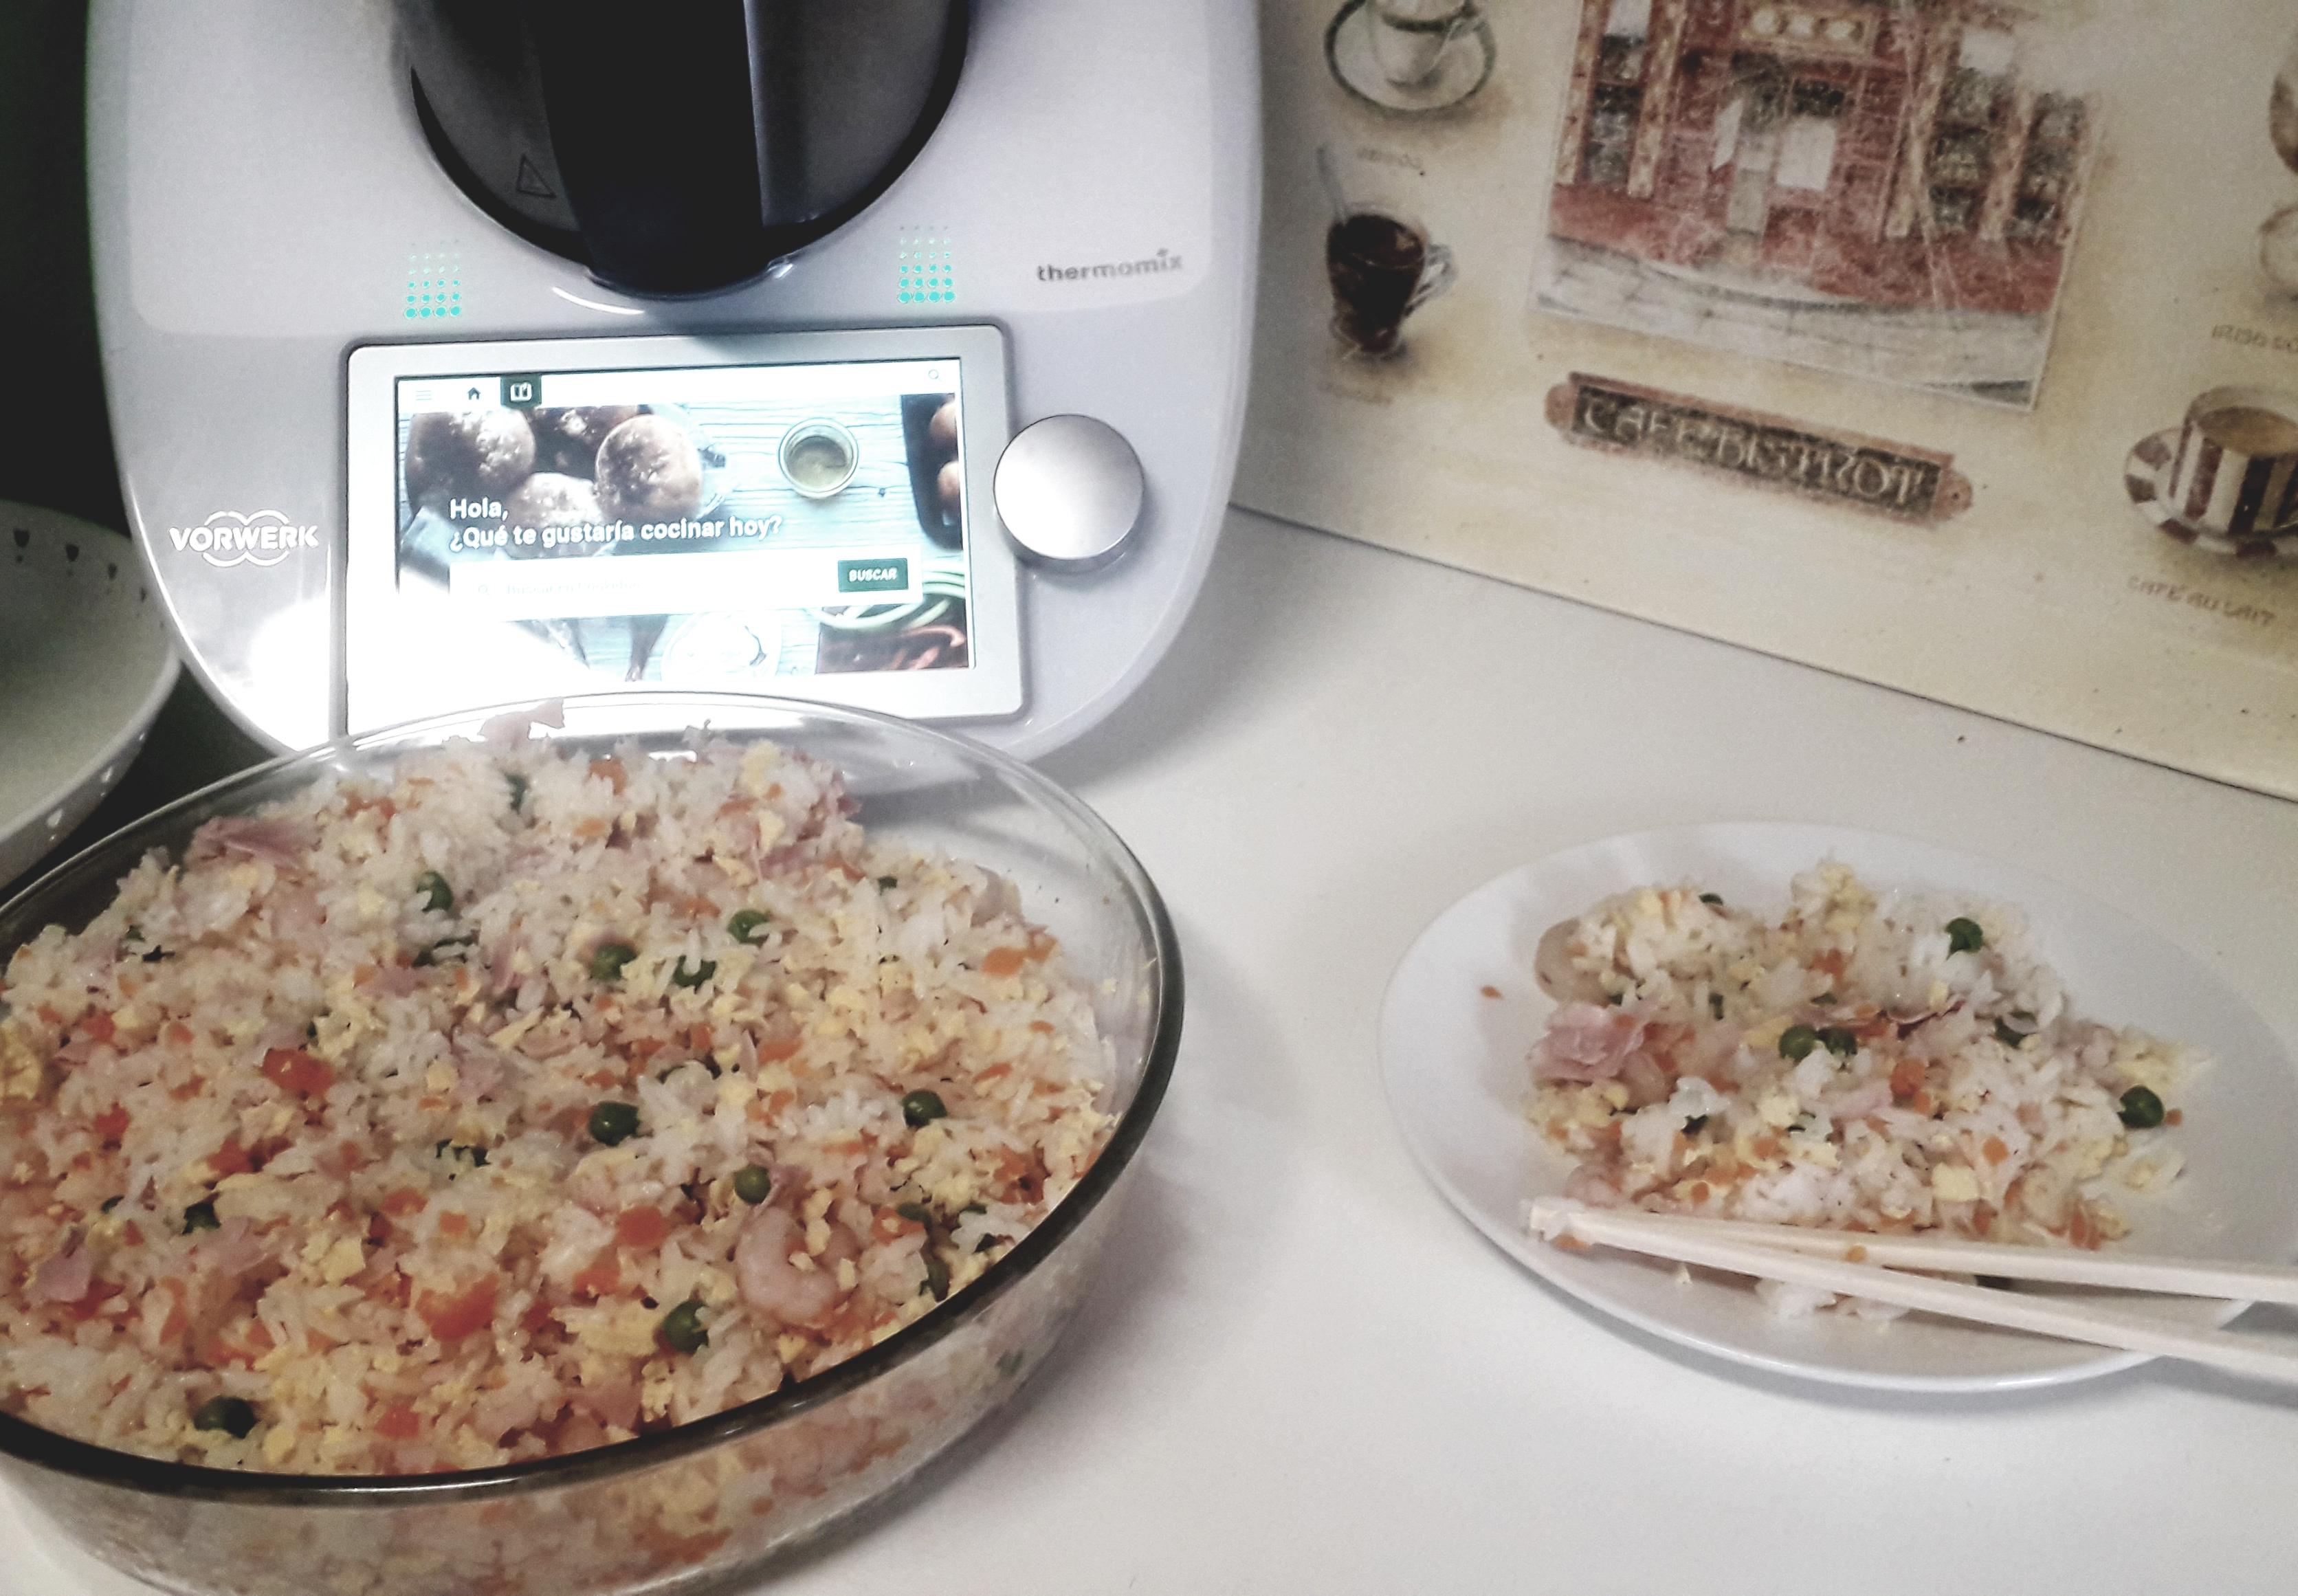 Arroz Tres Delicias Thermomix Cocción En Varoma Blog De Monica Aparicio Garcia De Thermomix Majadahonda